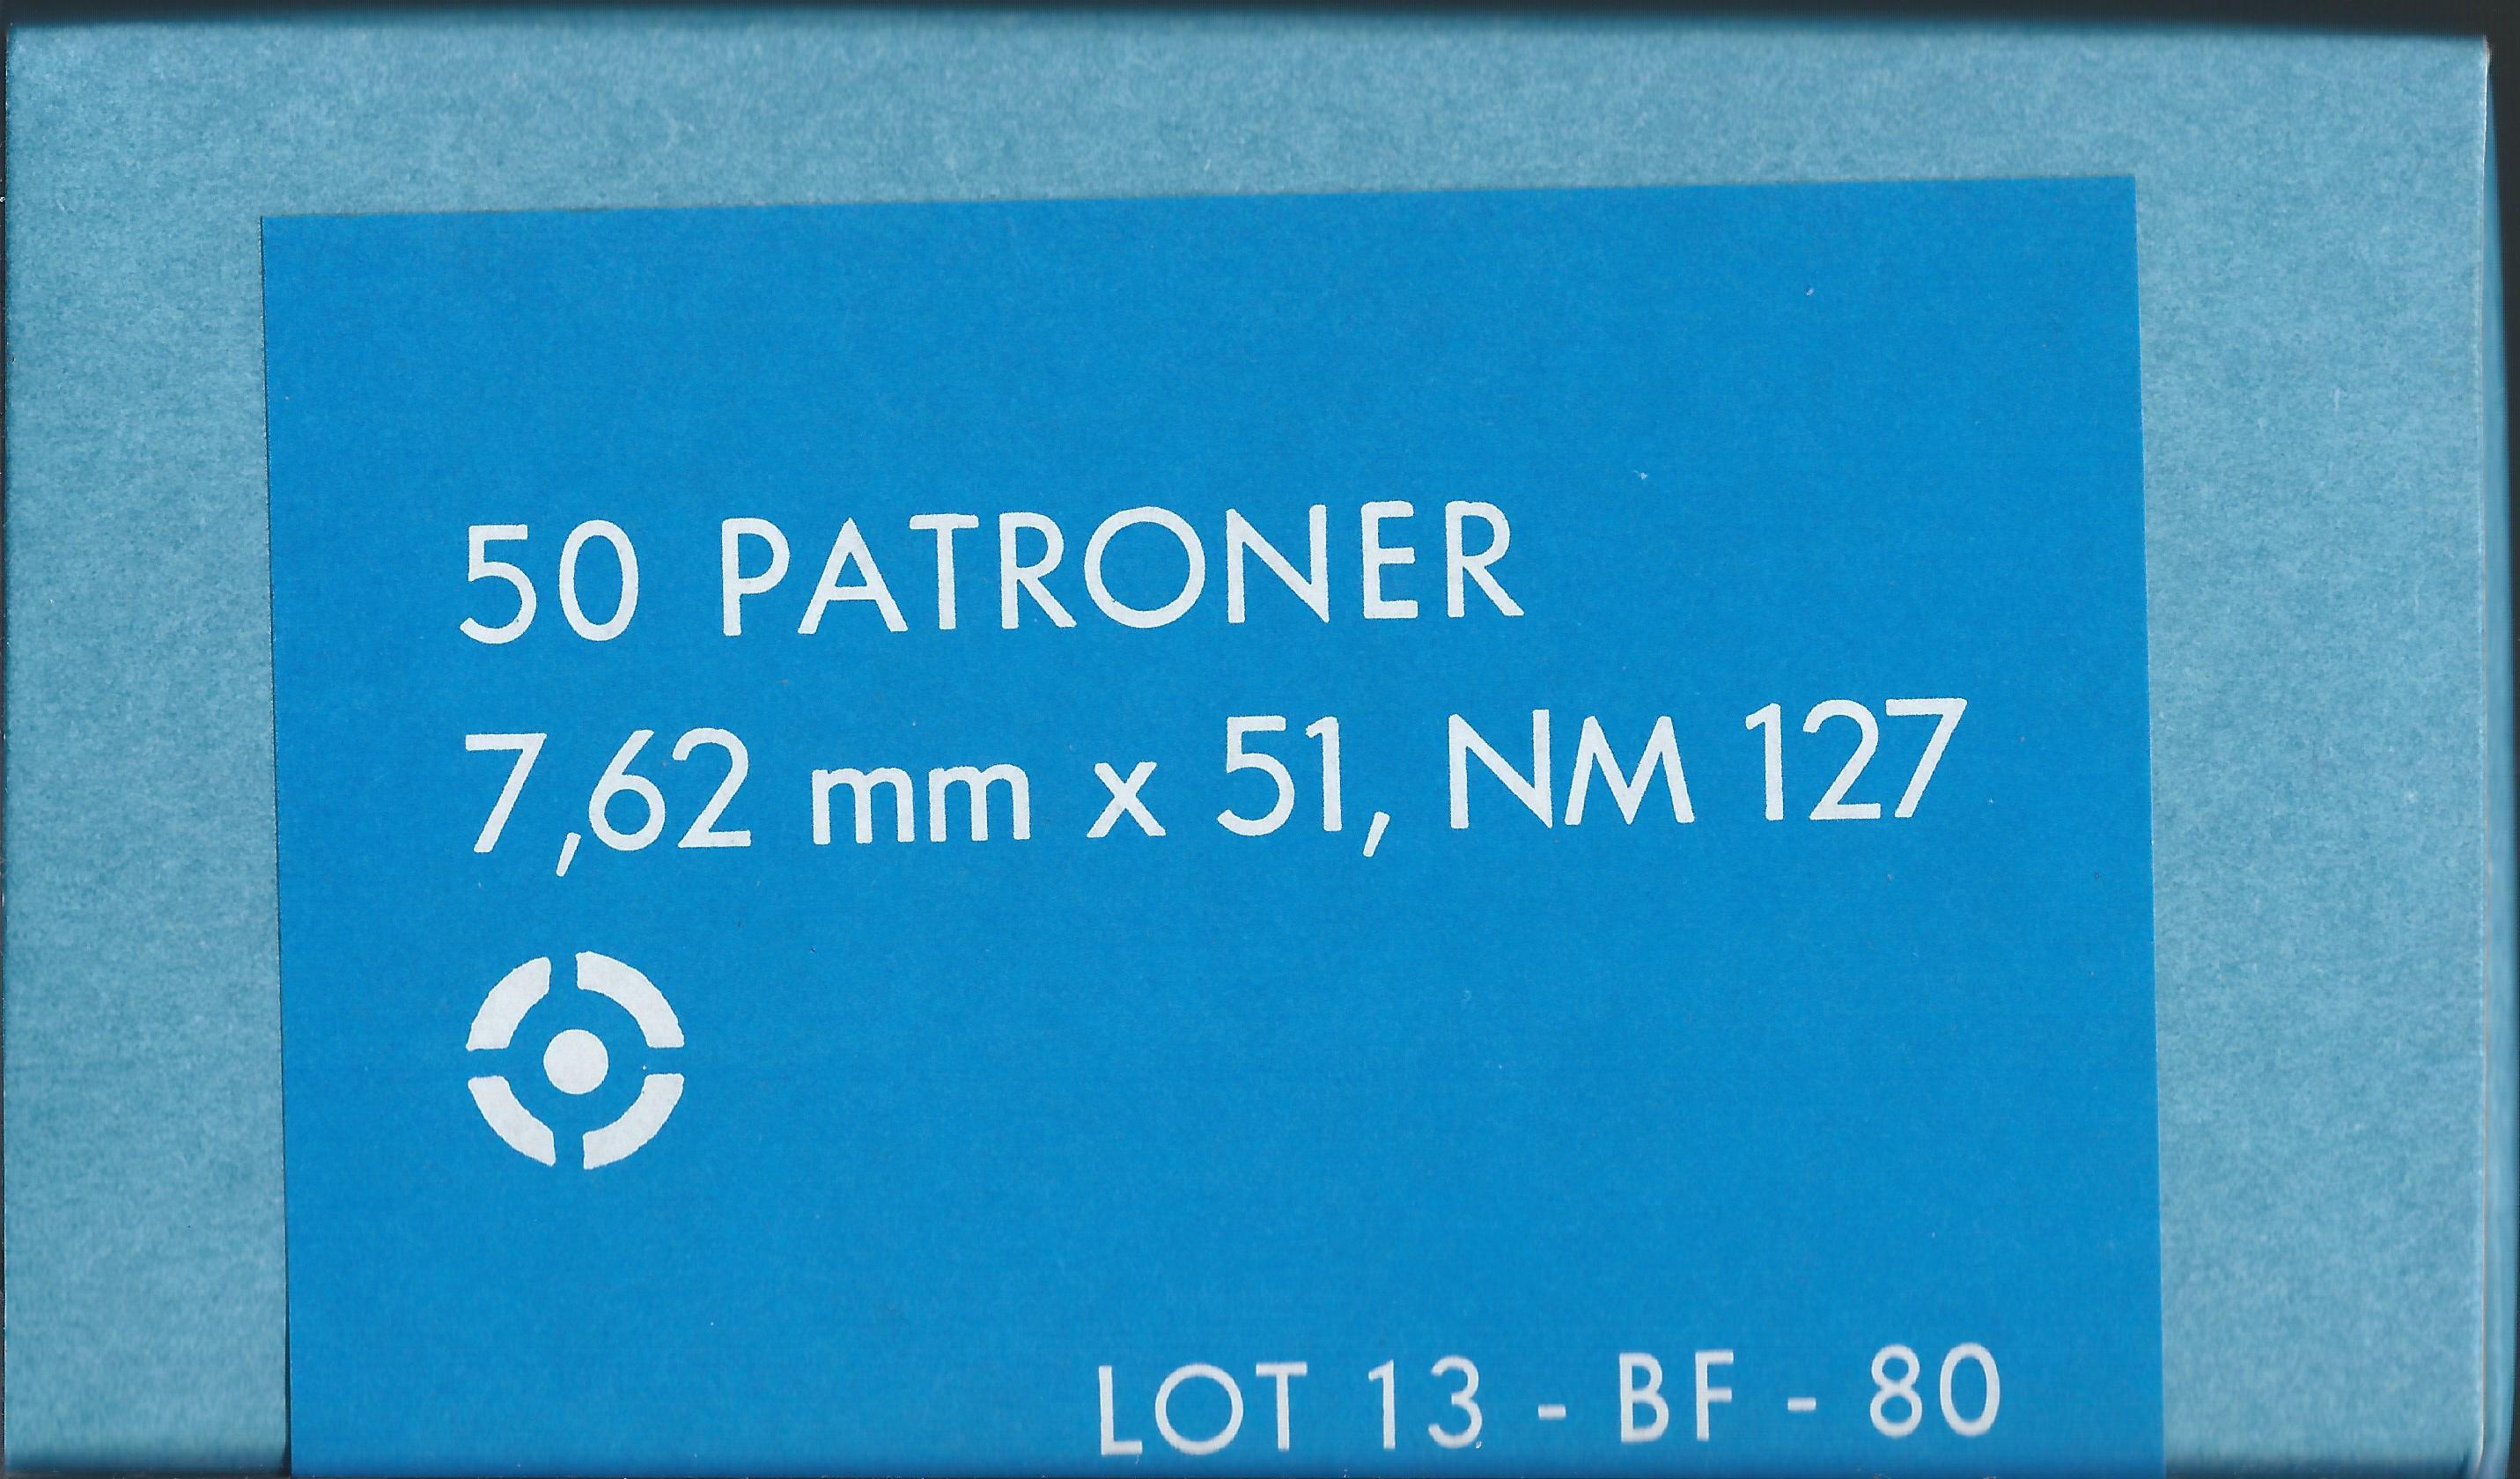 Eske-762x51-BF-korthold-50skudd-NM127-13-BF-80-1.jpg